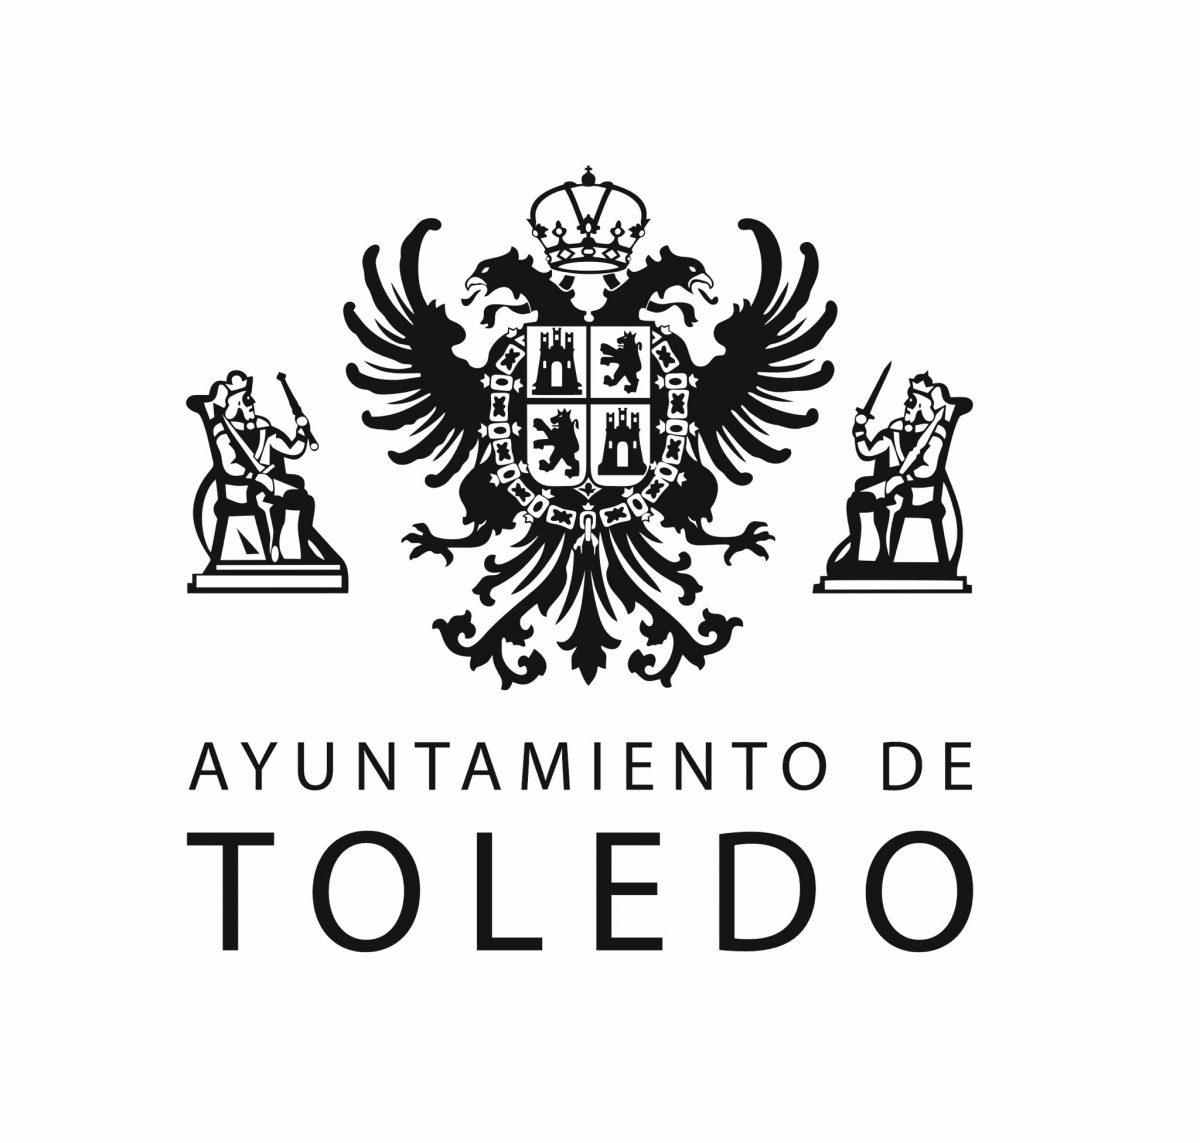 https://www.toledo.es/wp-content/uploads/2020/11/emc4aihxgaaa8ut-1200x1143-1.jpg. La alcaldesa agradece la generosidad, compromiso cívico y sensatez de los toledanos frente a la segunda ola del virus